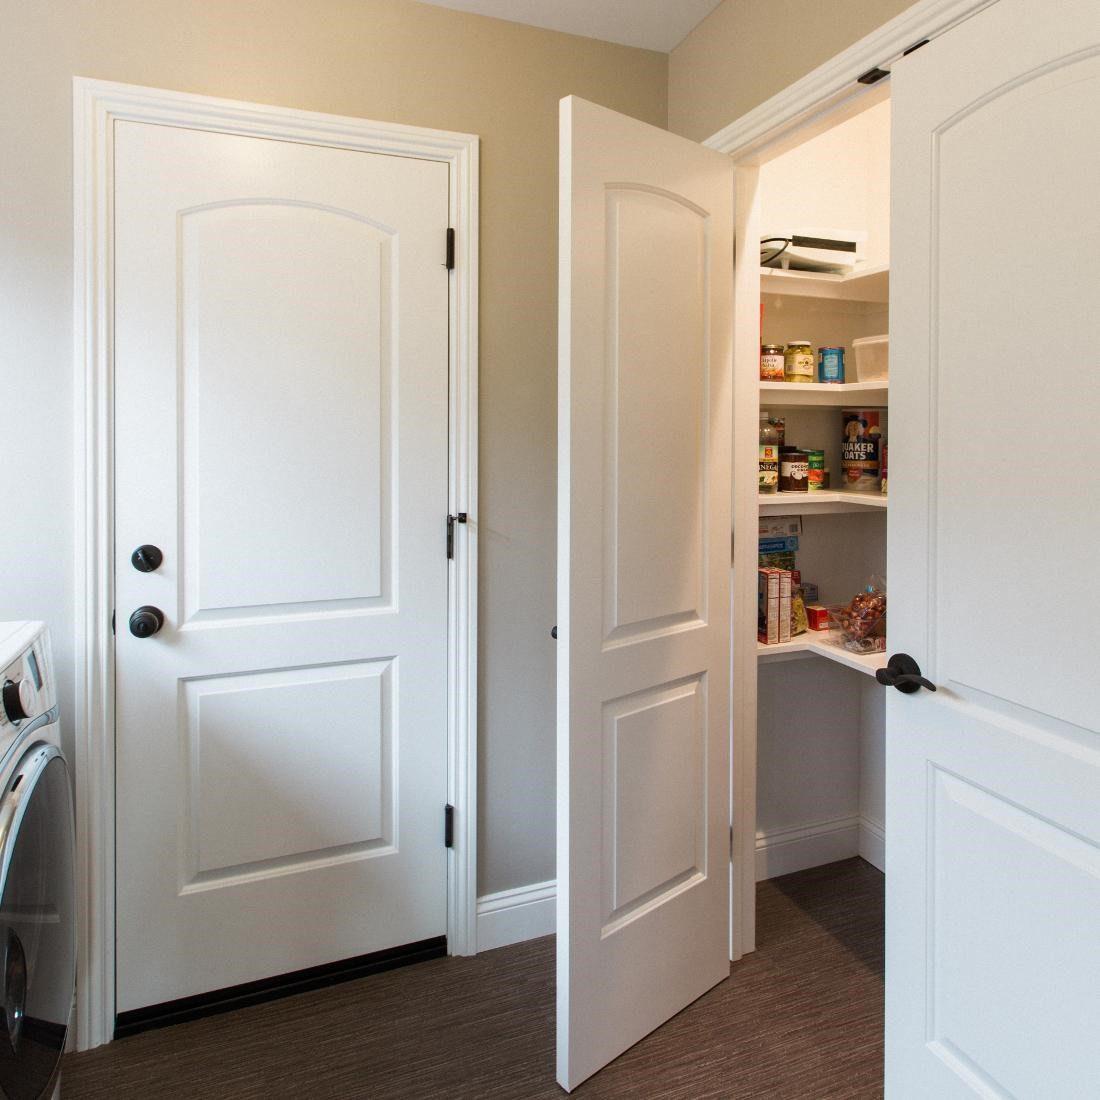 San Jose Kitchen Cabinets: 5 Ways To Update Your Kitchen